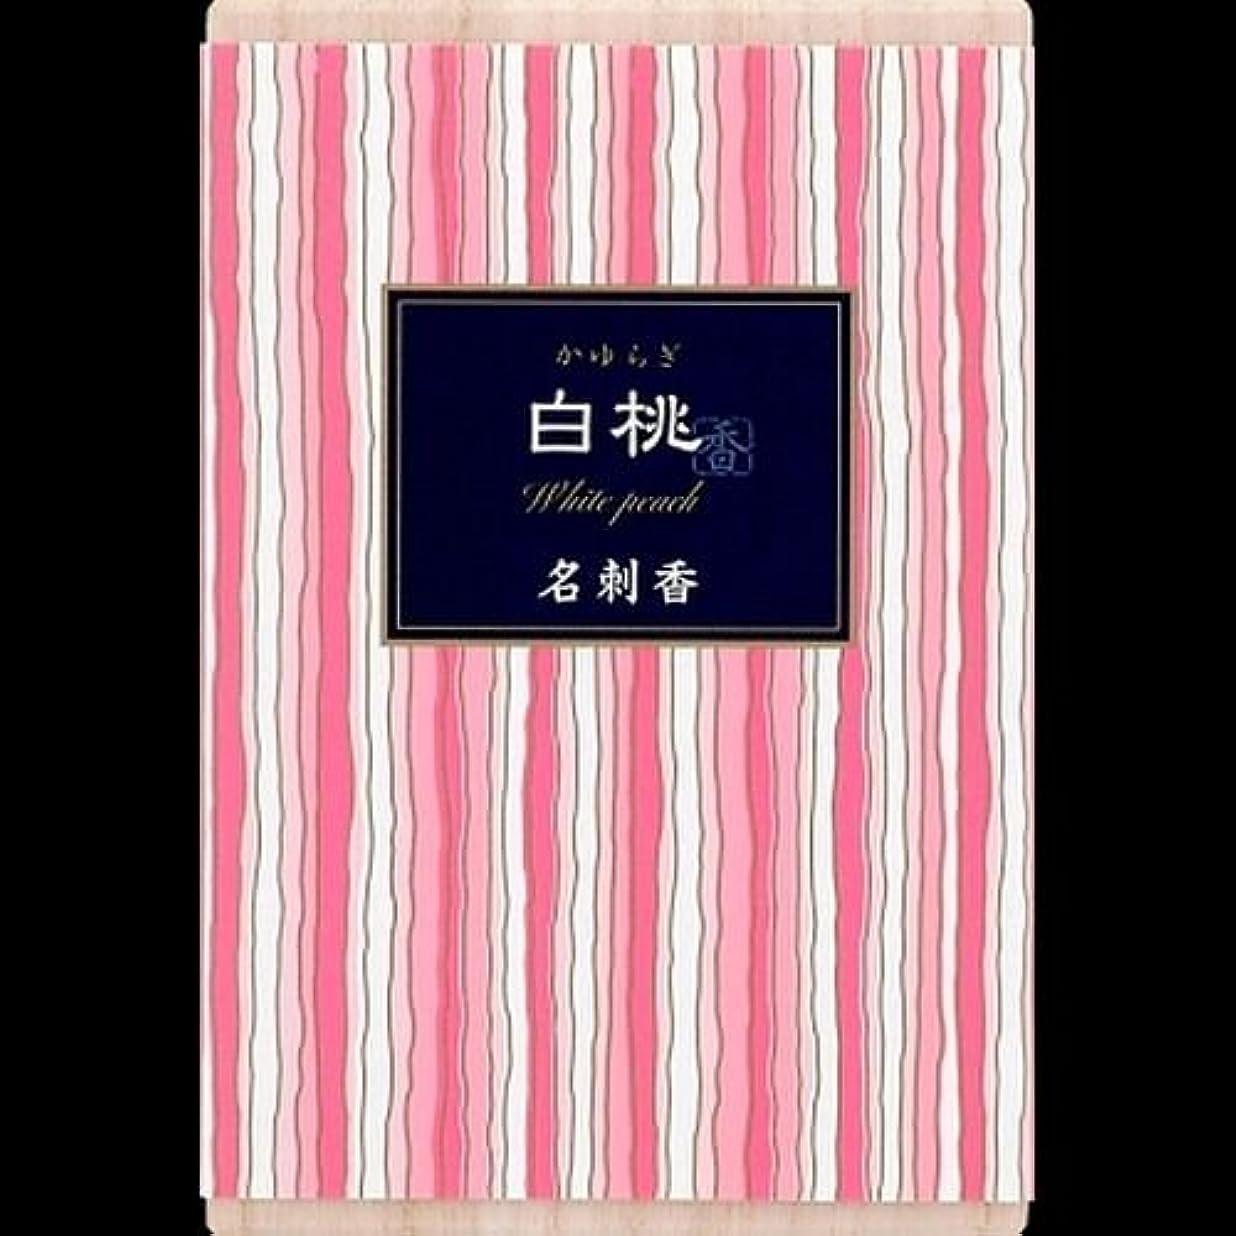 テントライラック夜間【まとめ買い】かゆらぎ 白桃 名刺香 桐箱 6入 ×2セット